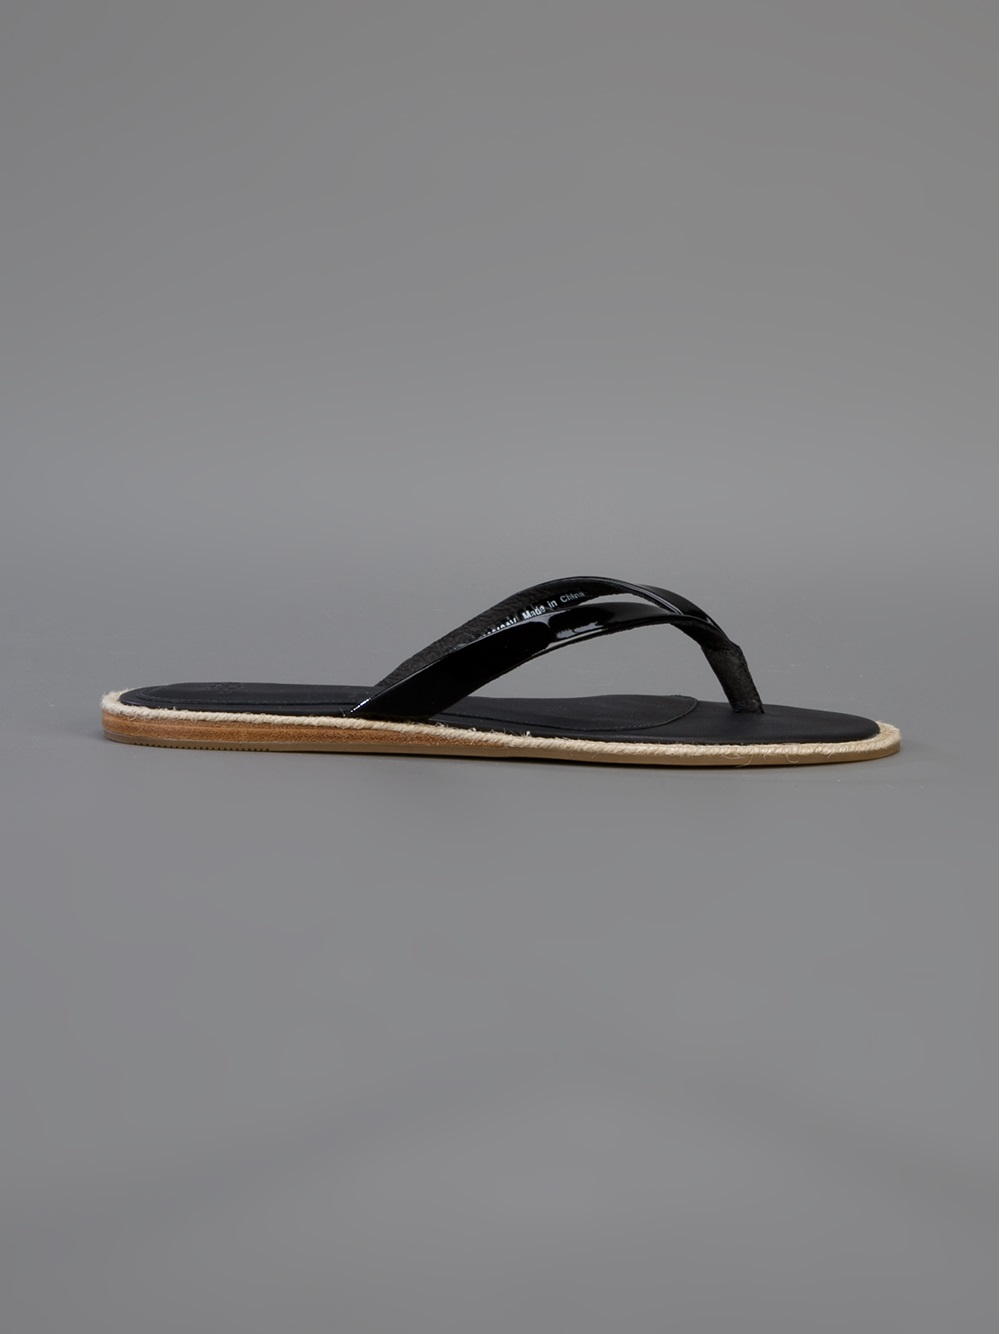 2ded1fd552c800 Ugg Black Patent Flip Flops